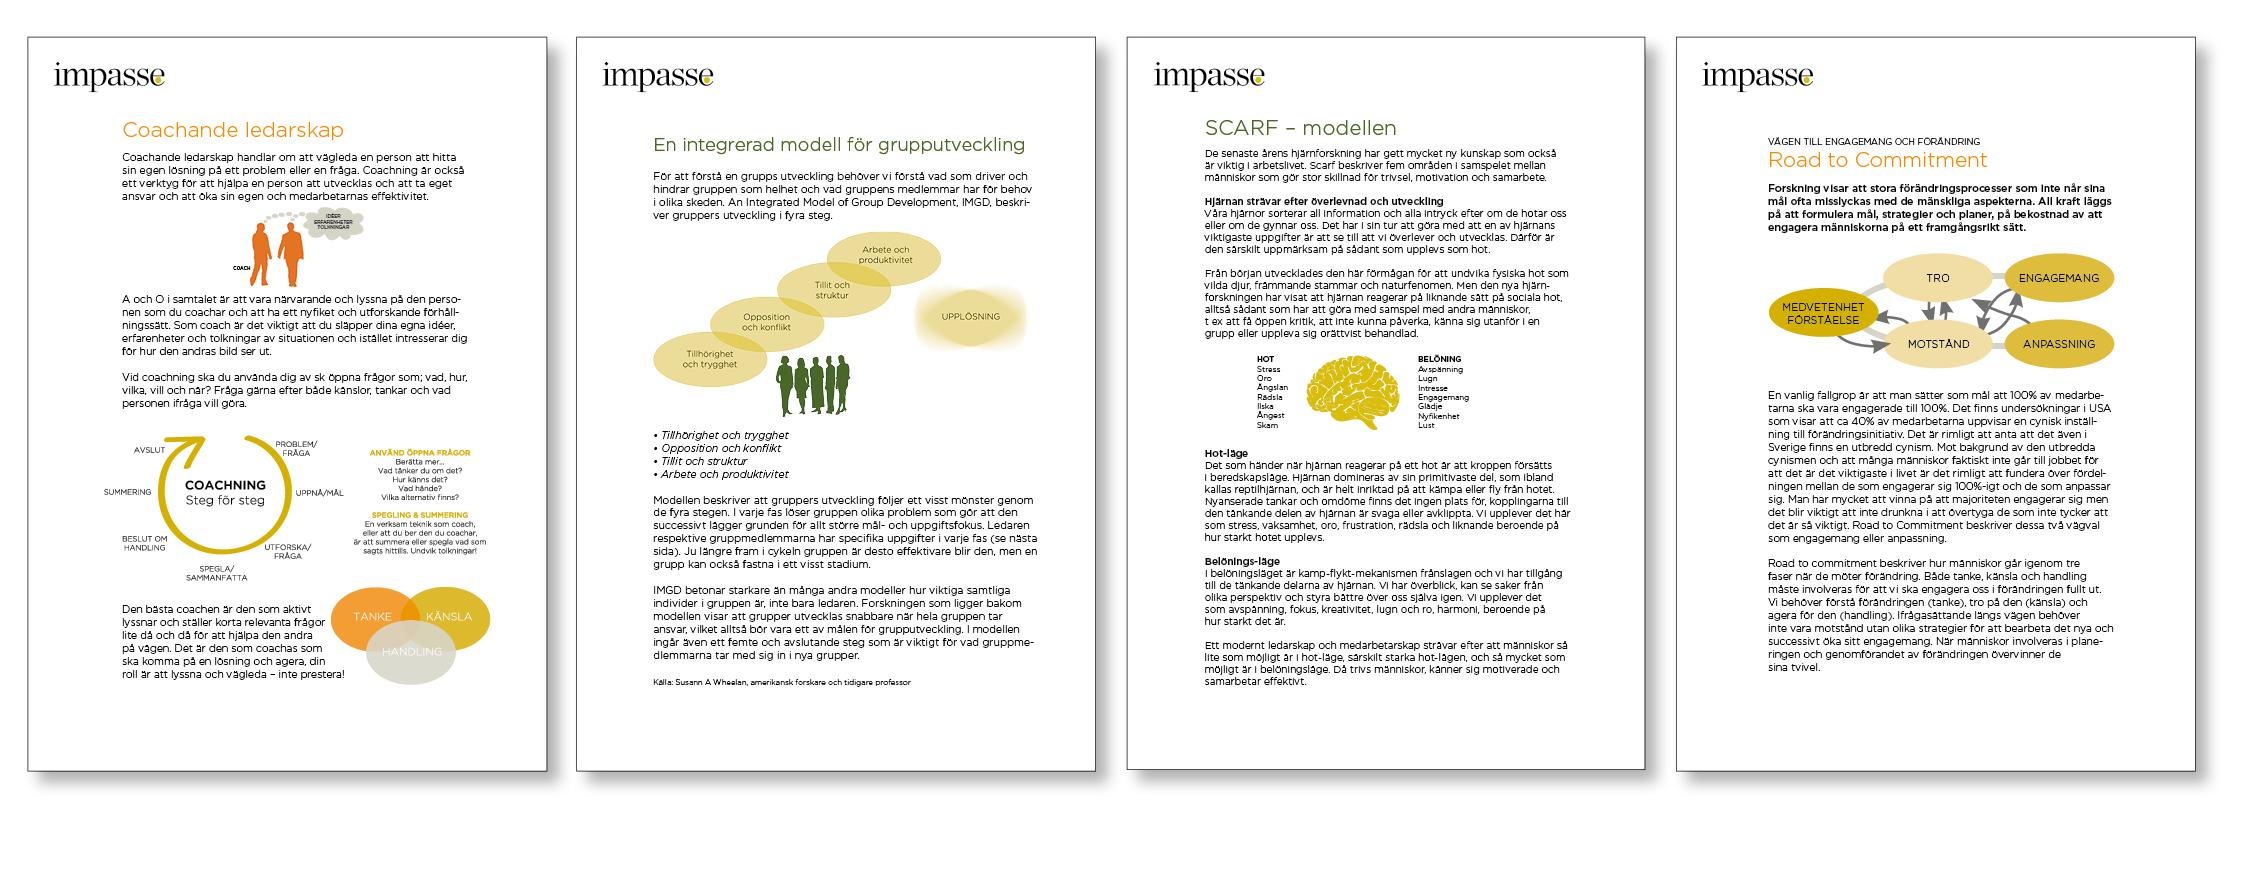 Teoriblad Verktyg och instrument Impasse.jpg